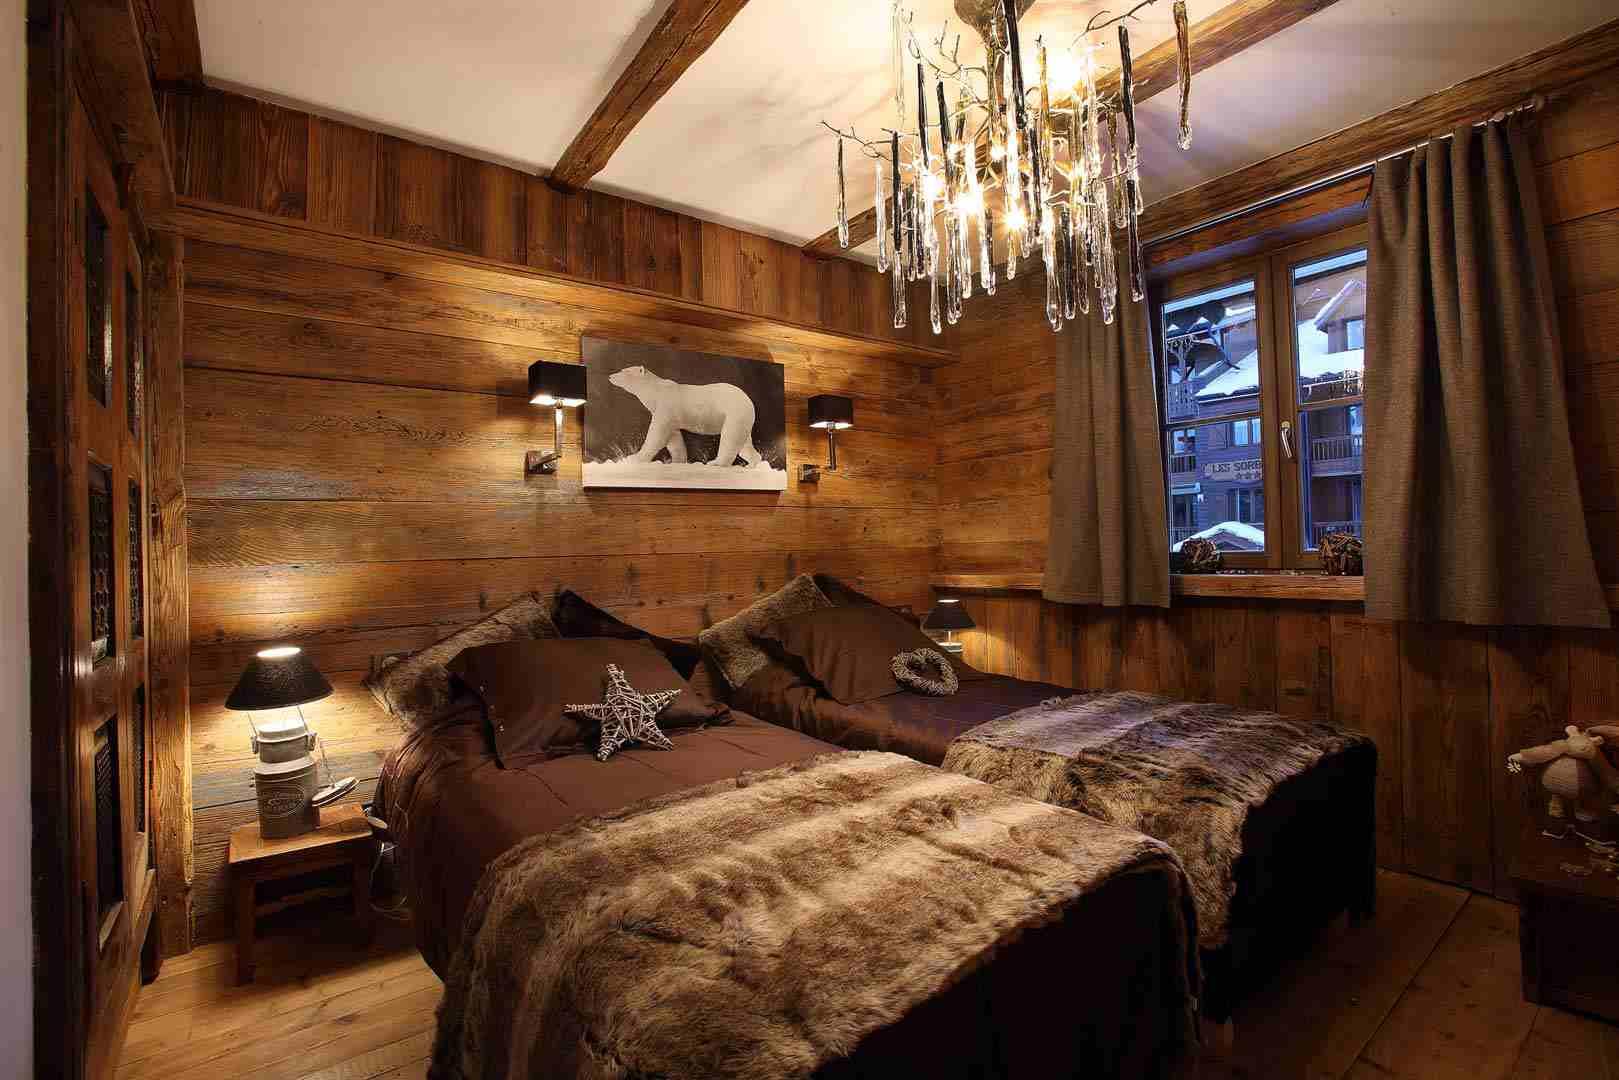 Décoration chambre bois montagne - Exemples d\'aménagements